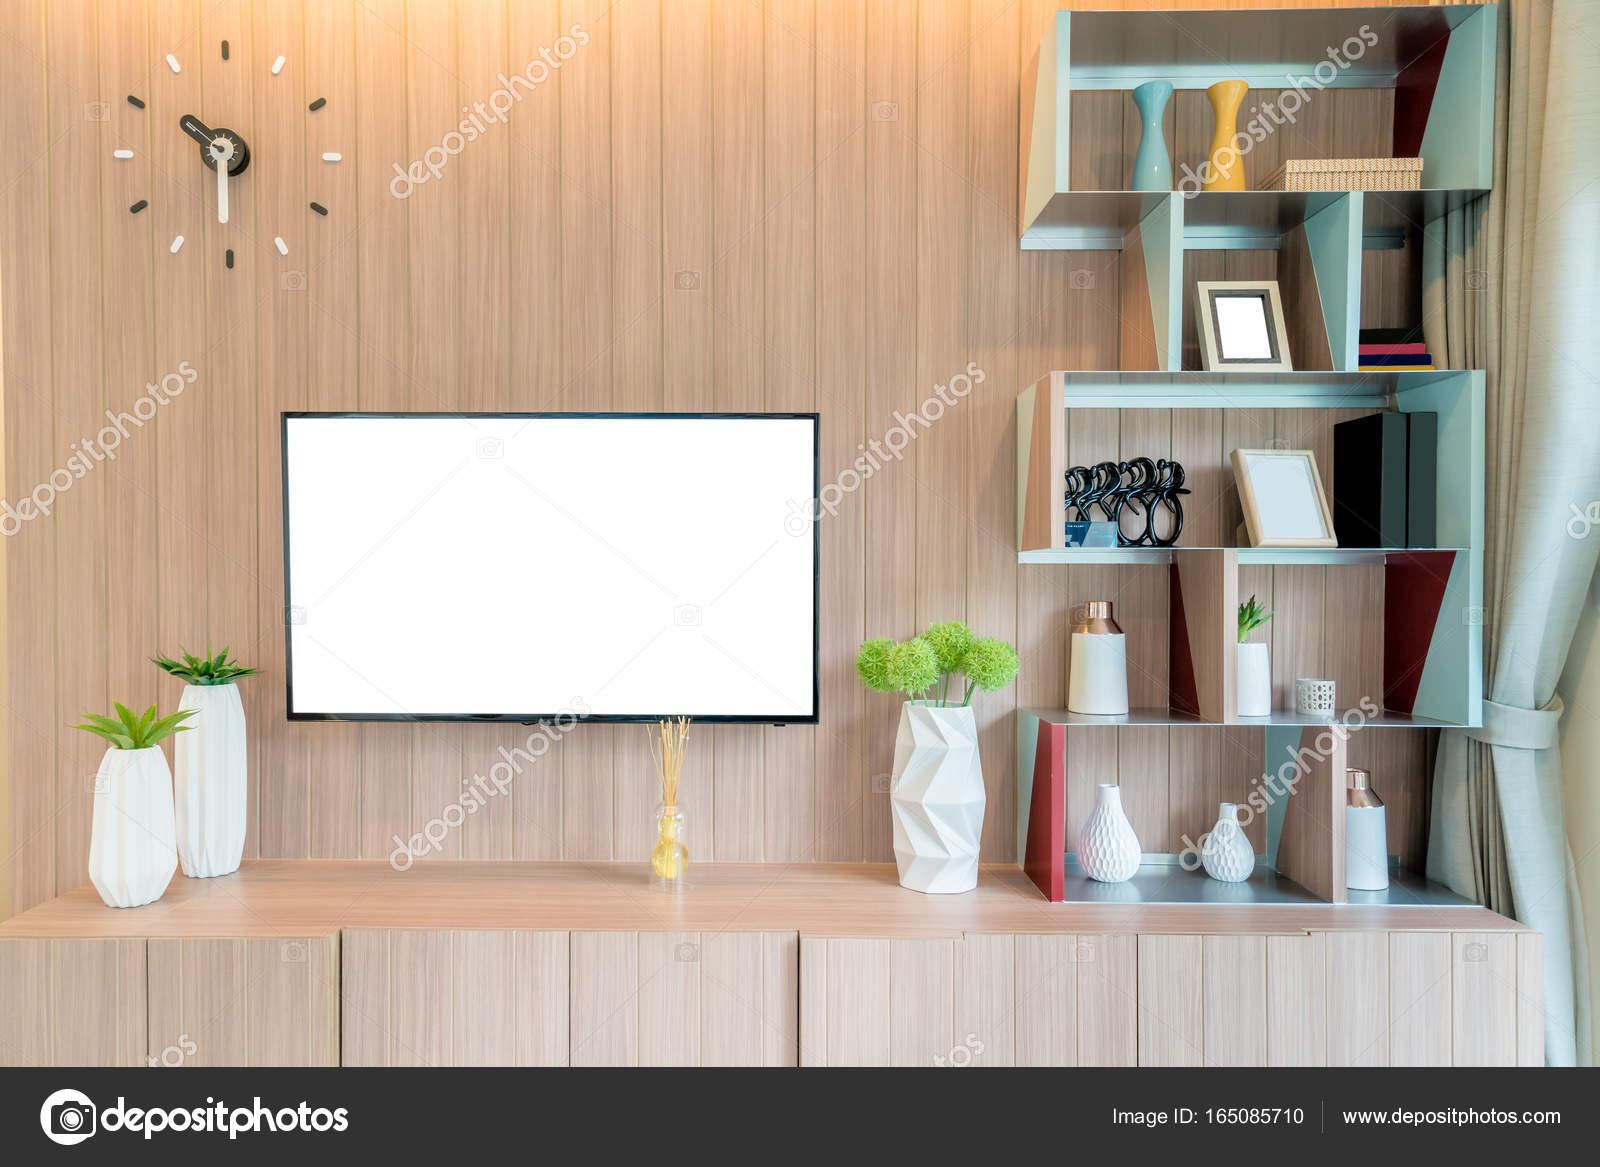 TV und Regal im Wohnzimmer zeitgenössischen Stil. Holz Möbel ich ...